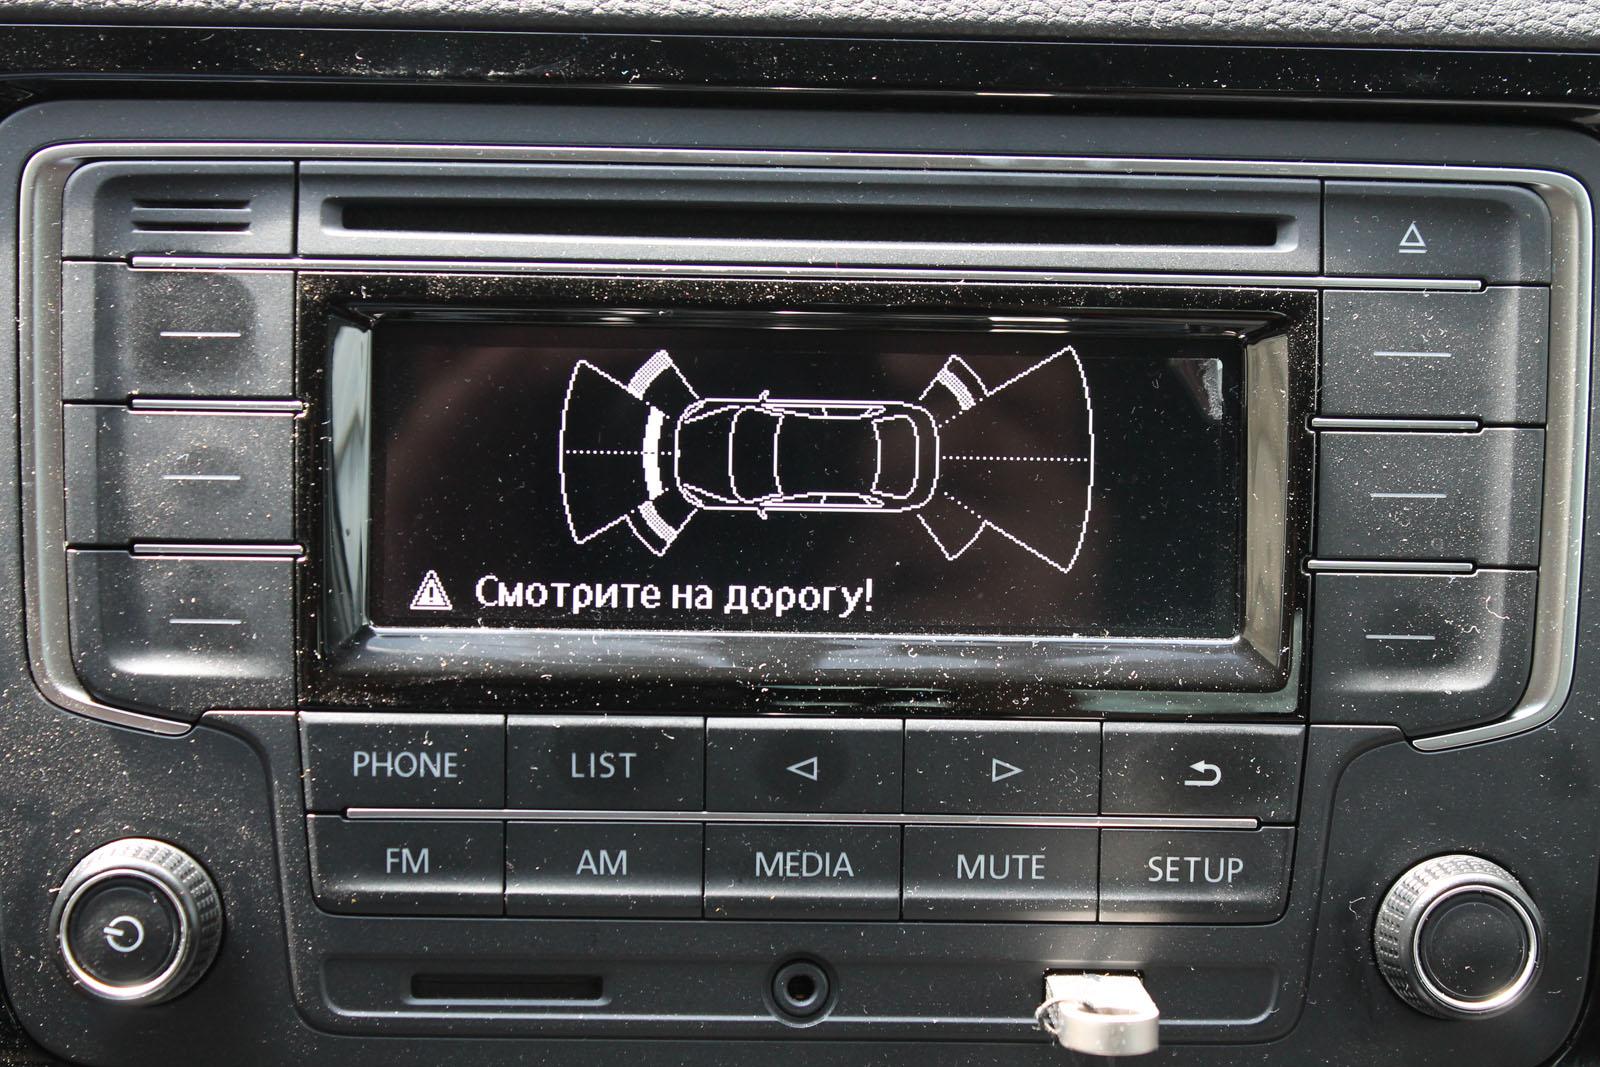 Парктроники на RCD 230G